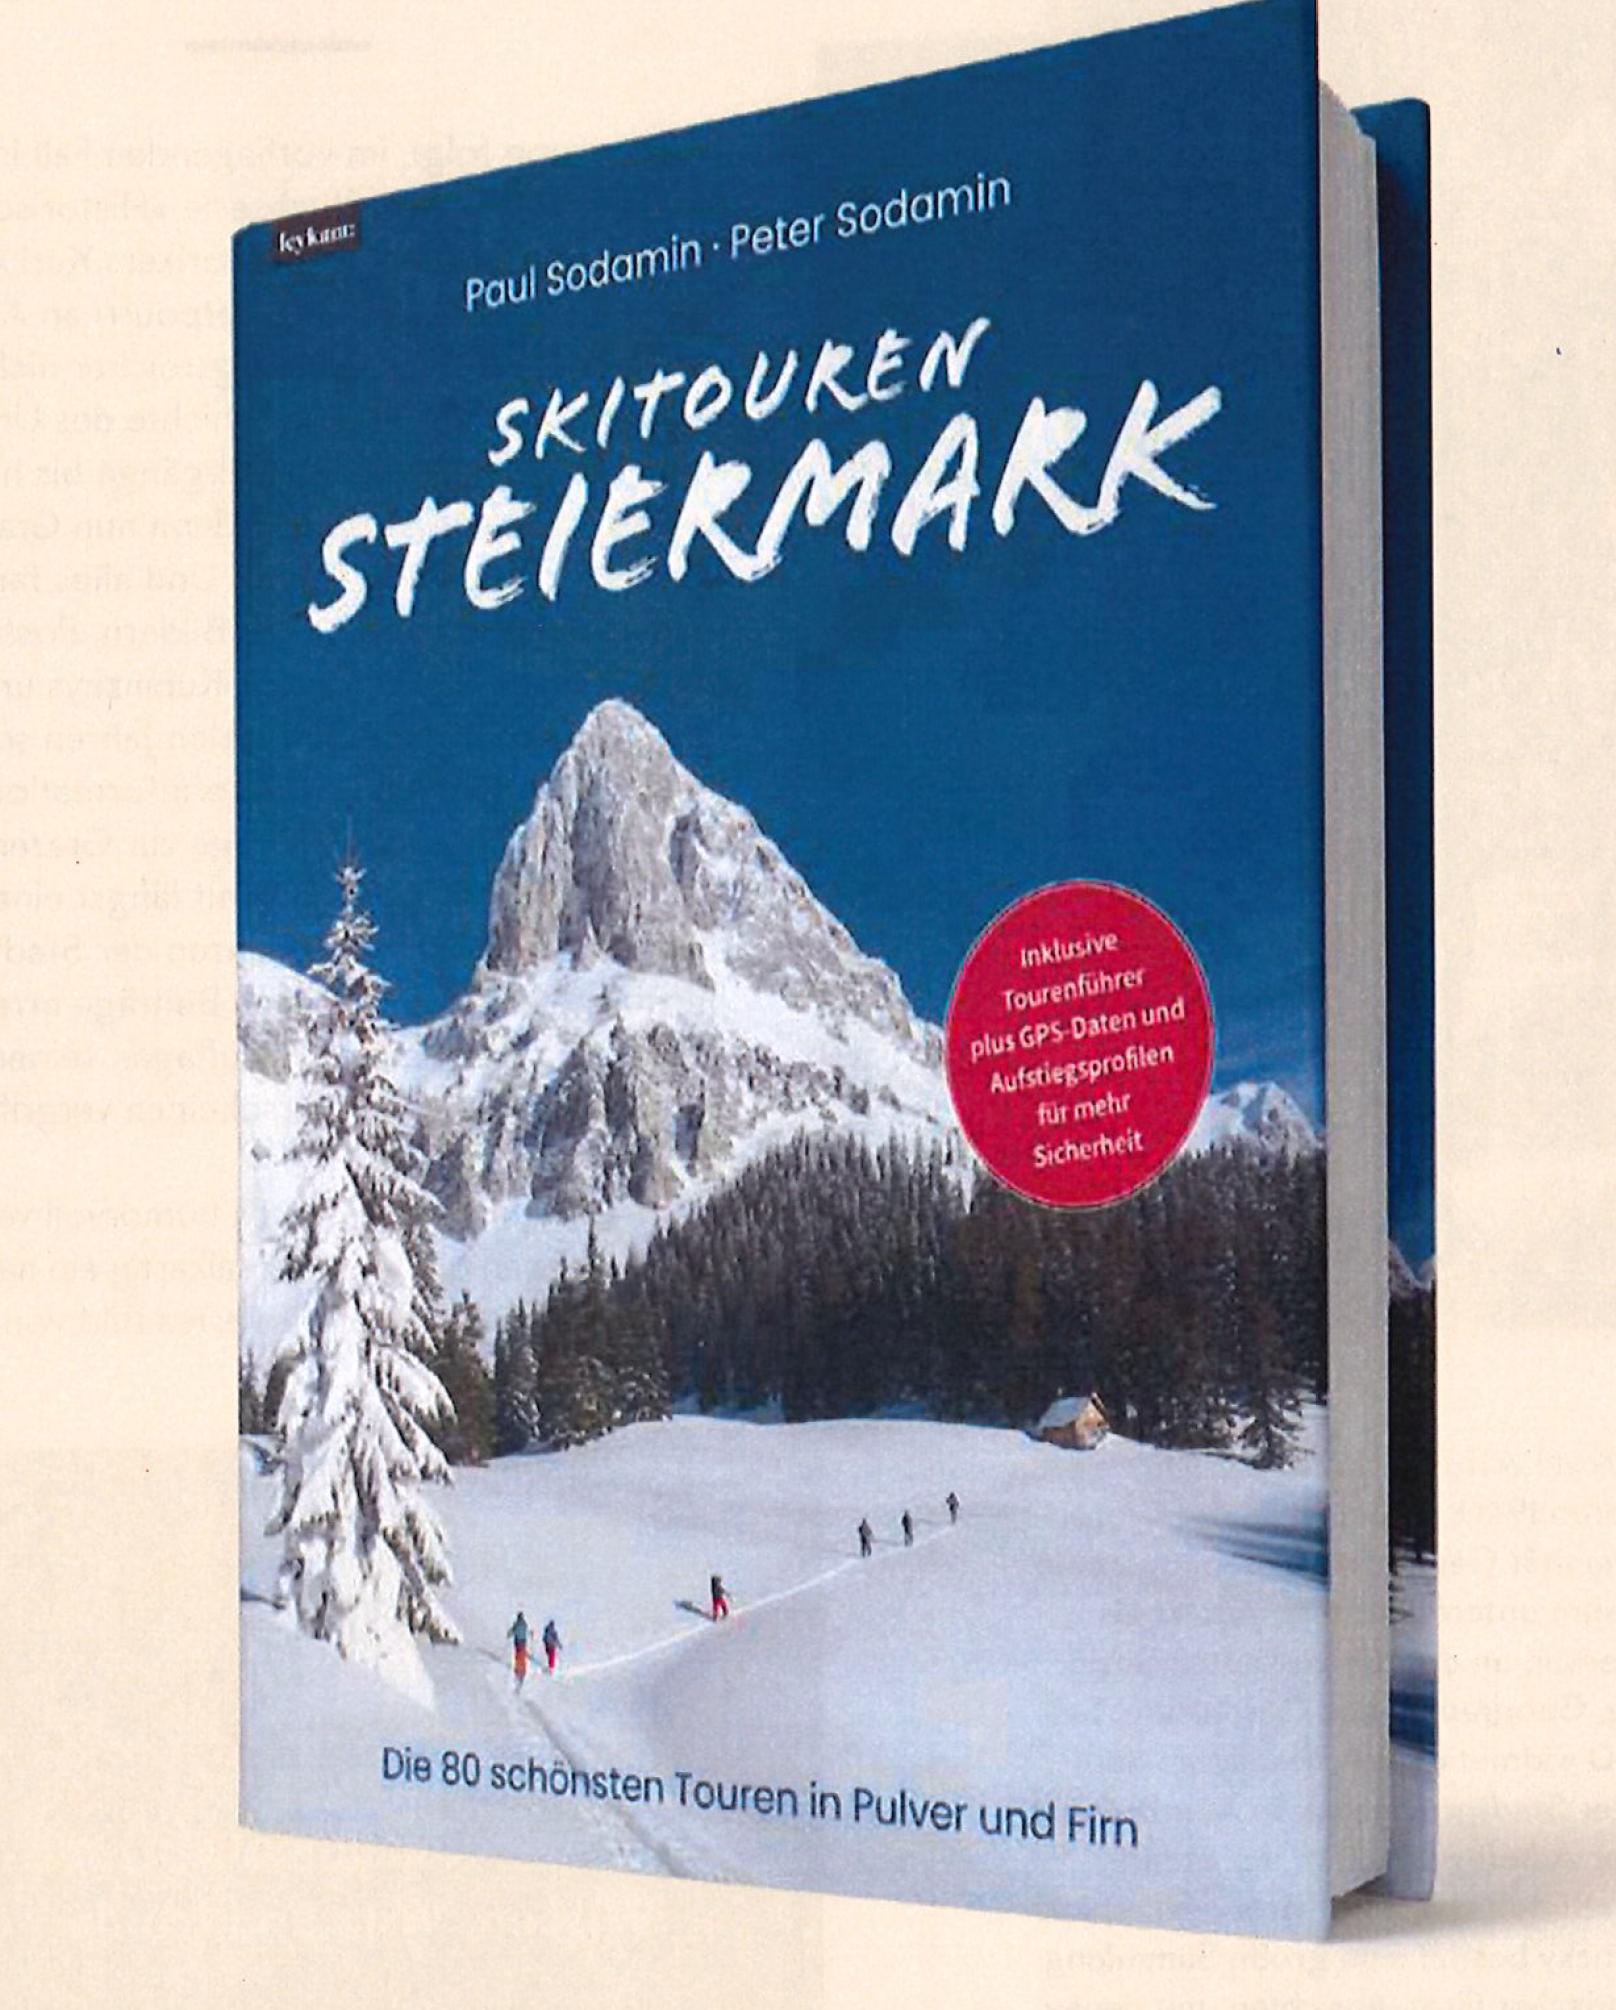 Die schönsten Skitouren der Steiermark – vom Dachstein bis zur Koralpe